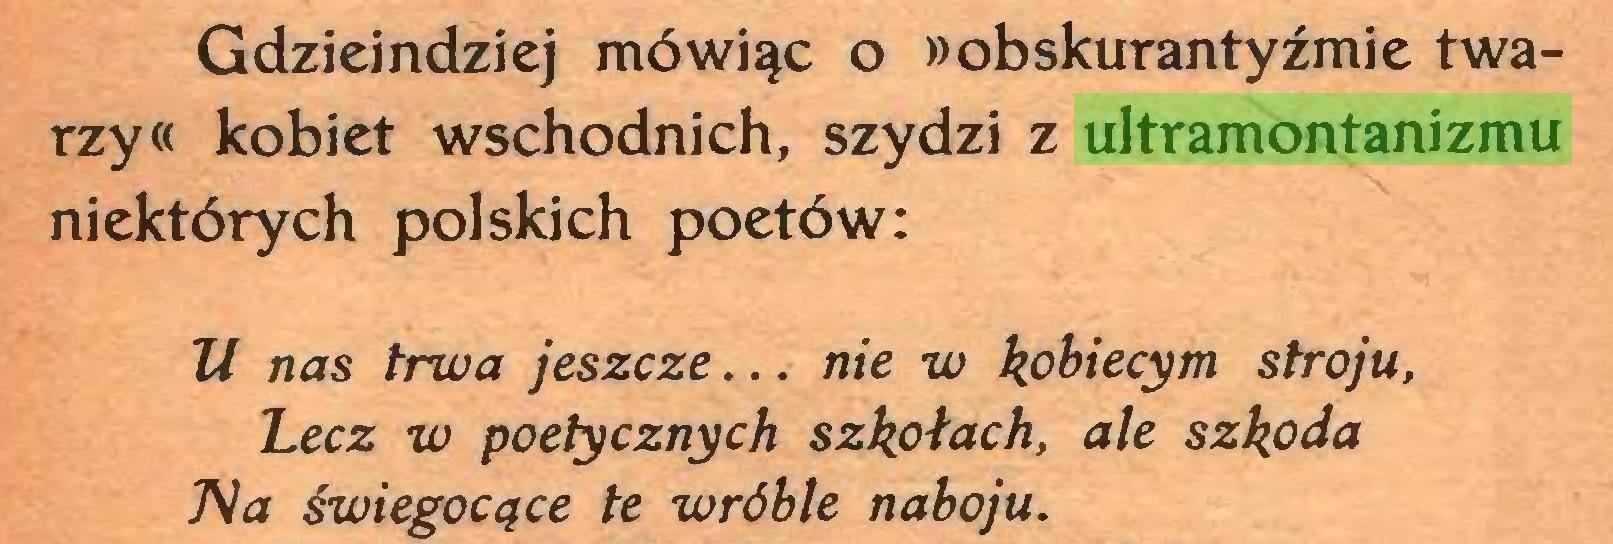 (...) Gdzieindziej mówiąc o »obskurantyzmie twarzy« kobiet wschodnich, szydzi z ultramontanizmu niektórych polskich poetów: ll nas trwa jeszcze... nie w kobiecym stroju, Lecz w poetycznych szkołach, ale szkoda Tła świegocące te wróble naboju...